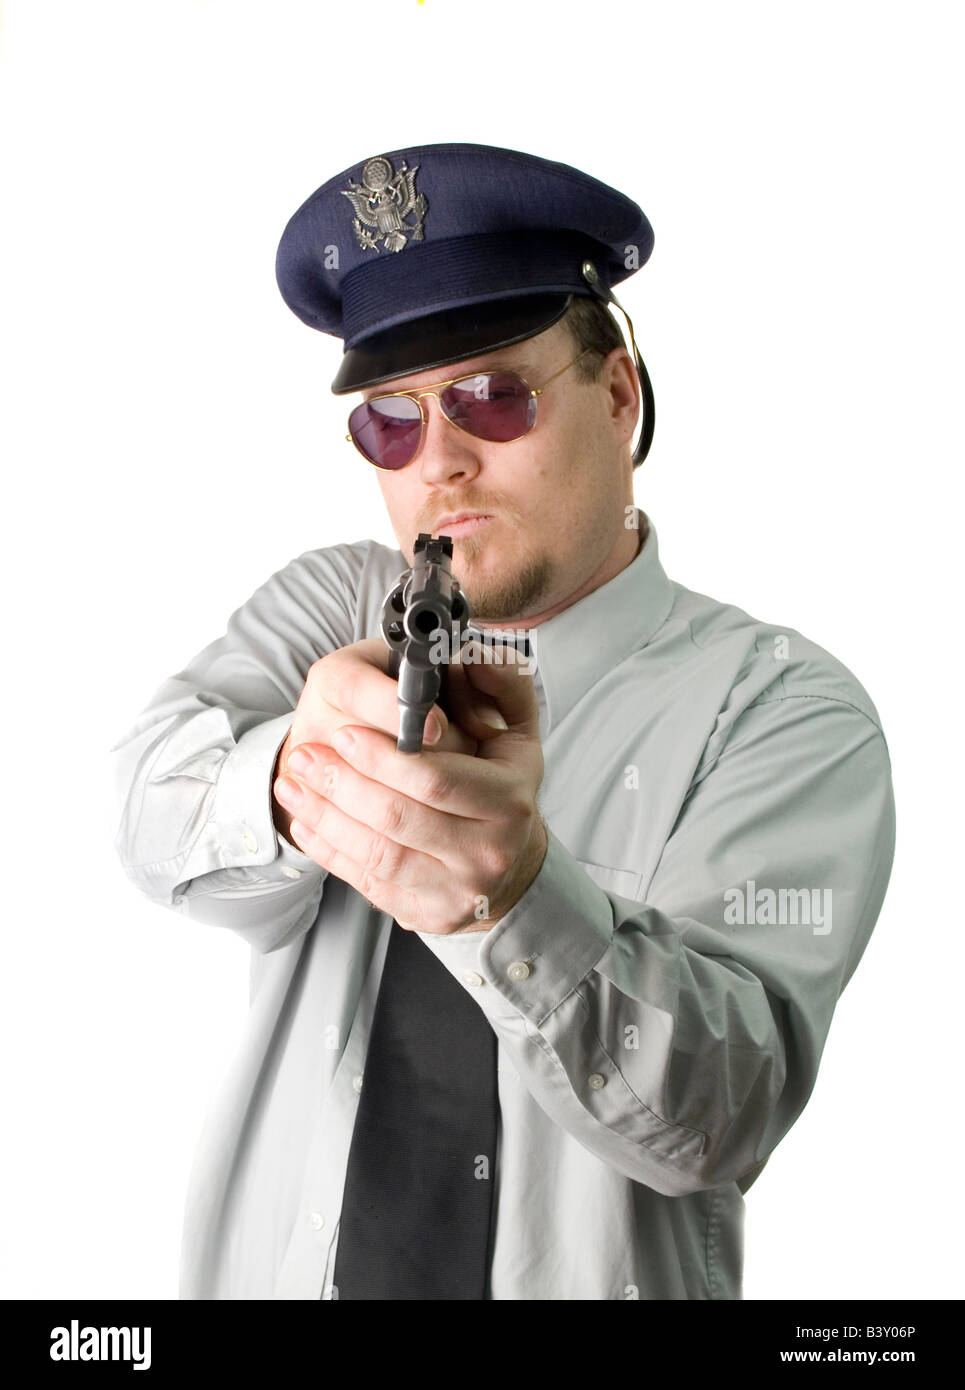 Security Guard 911